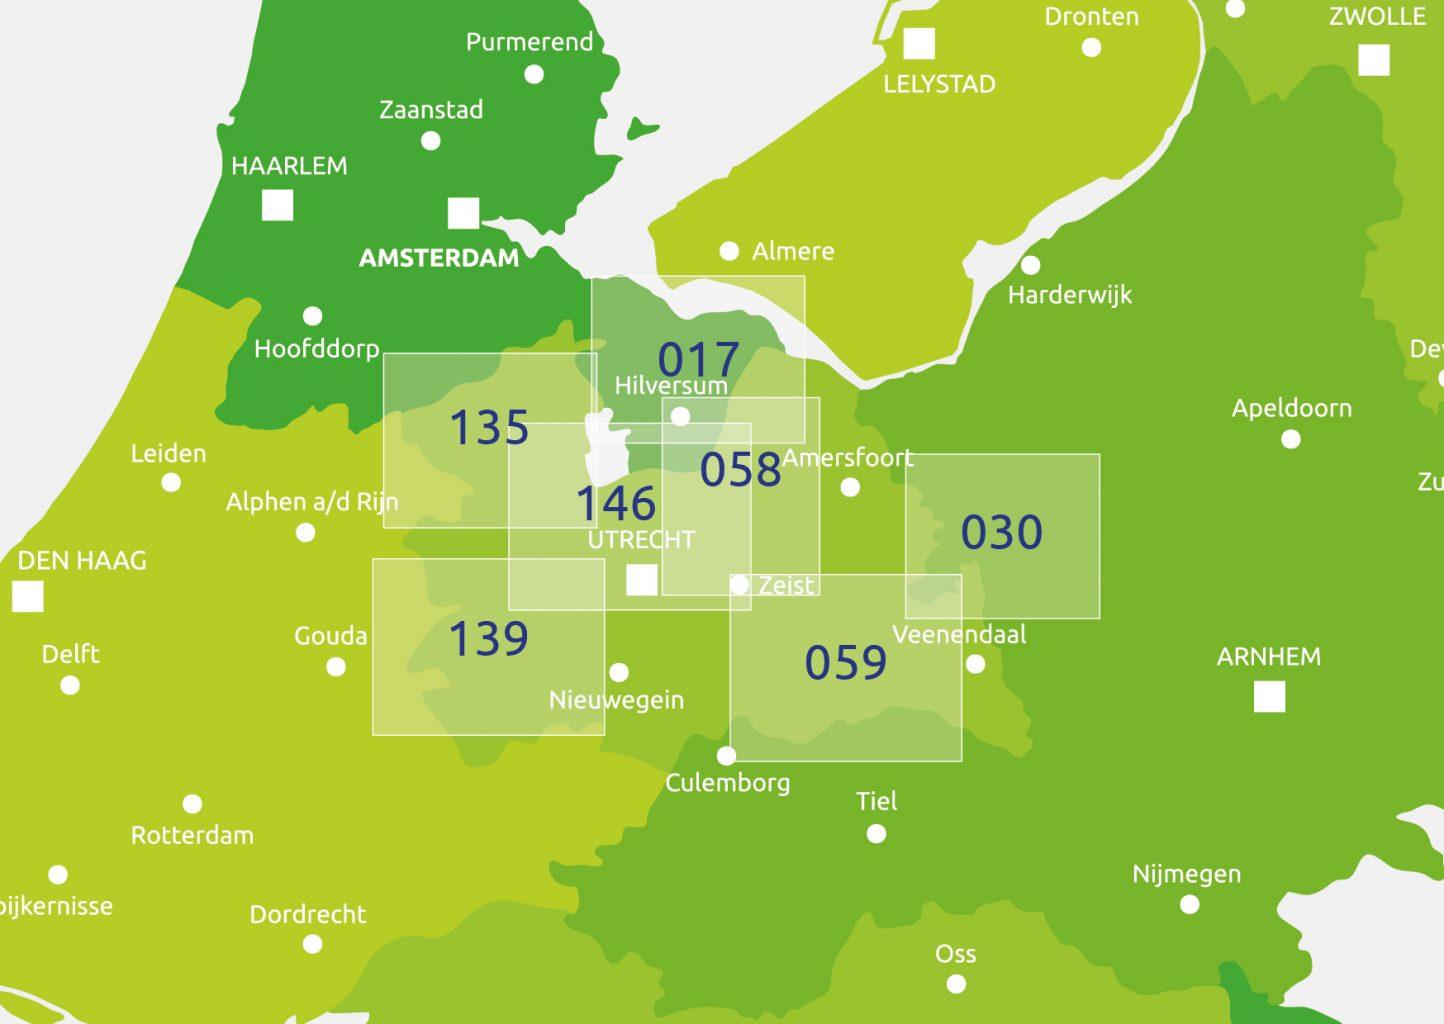 zoekkaart Knooppuntkaart Utrecht